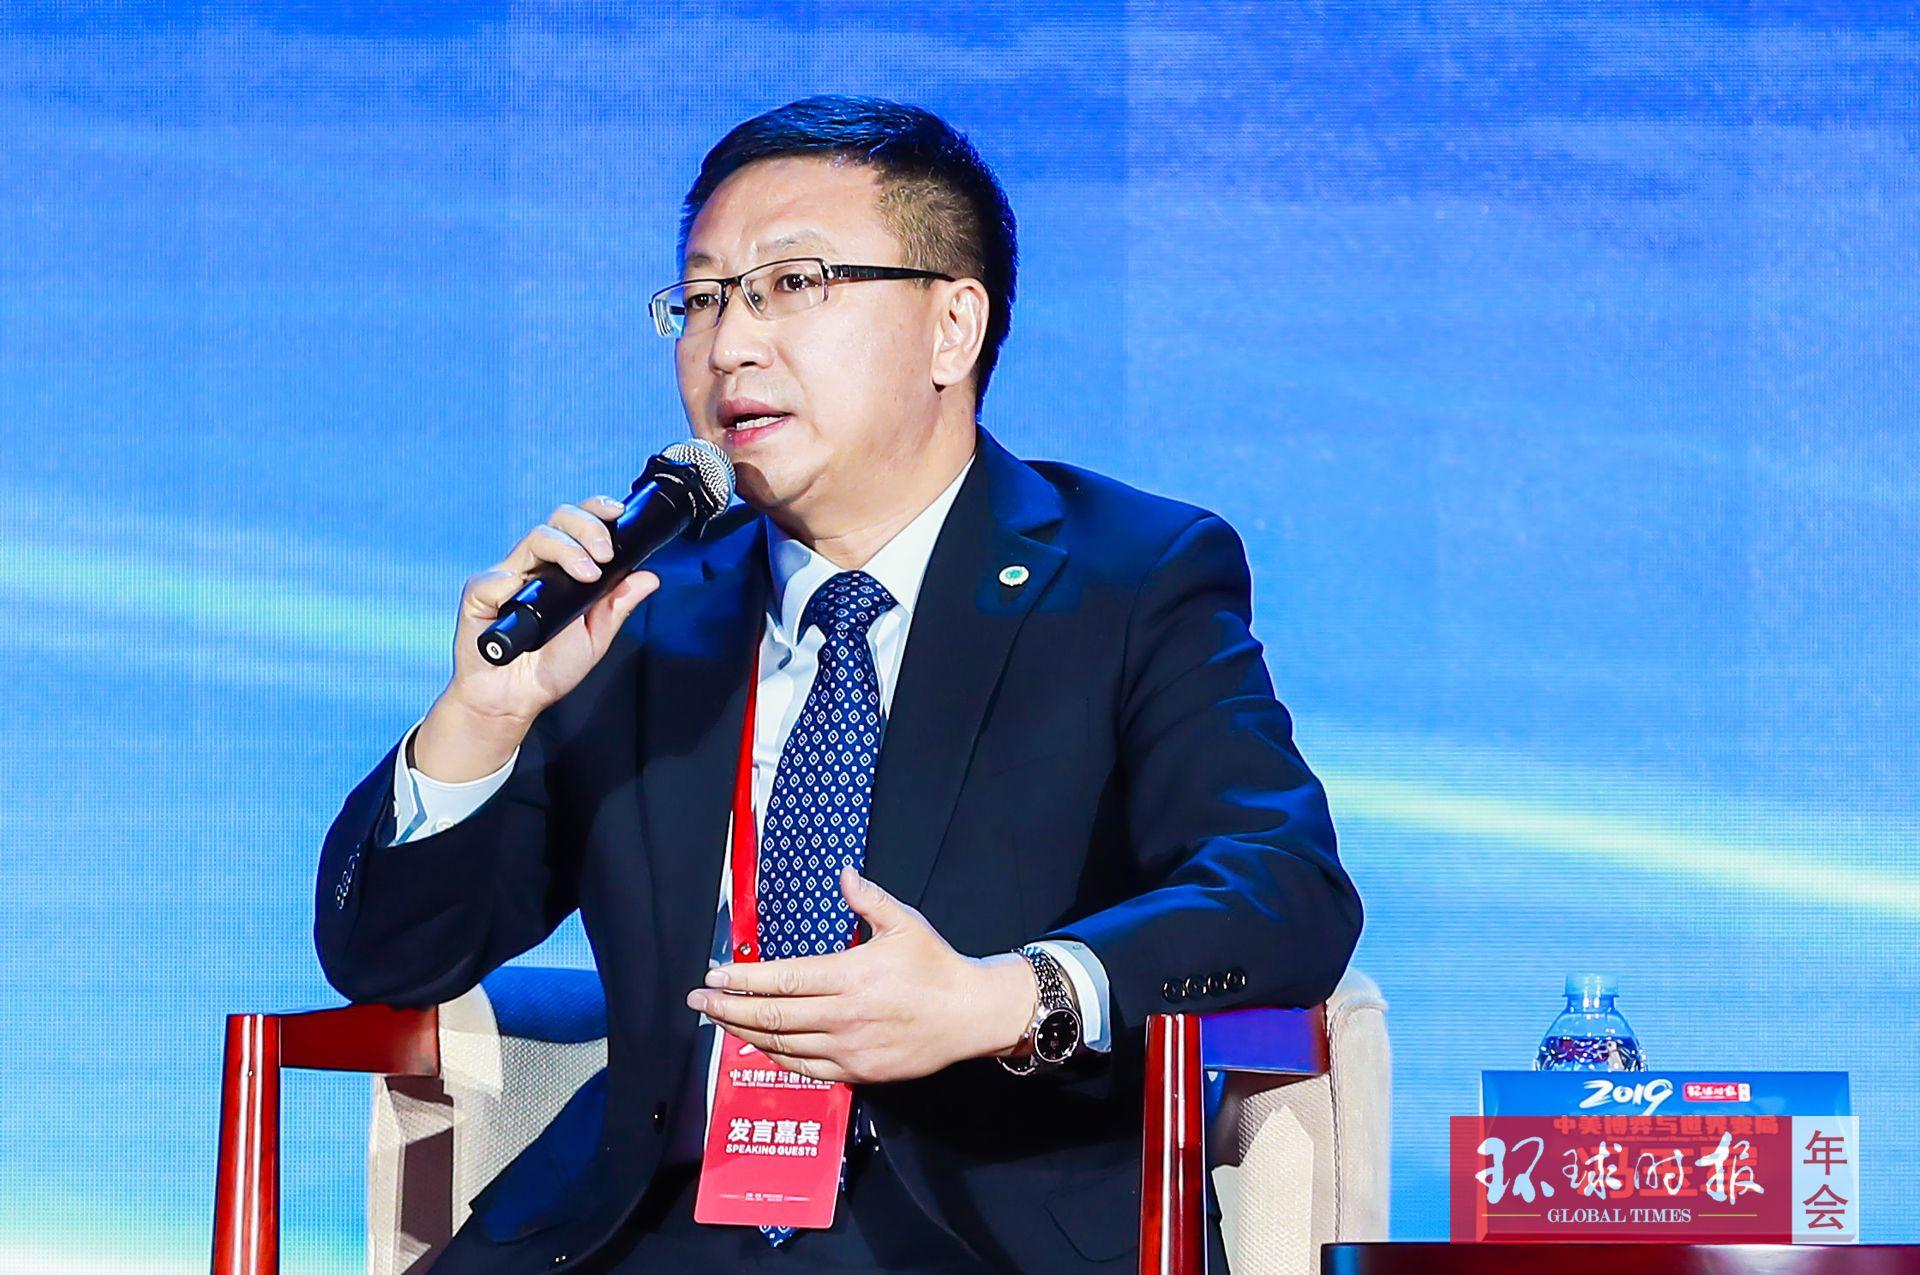 复旦大学学者冯玉军:中国好,就是世界好